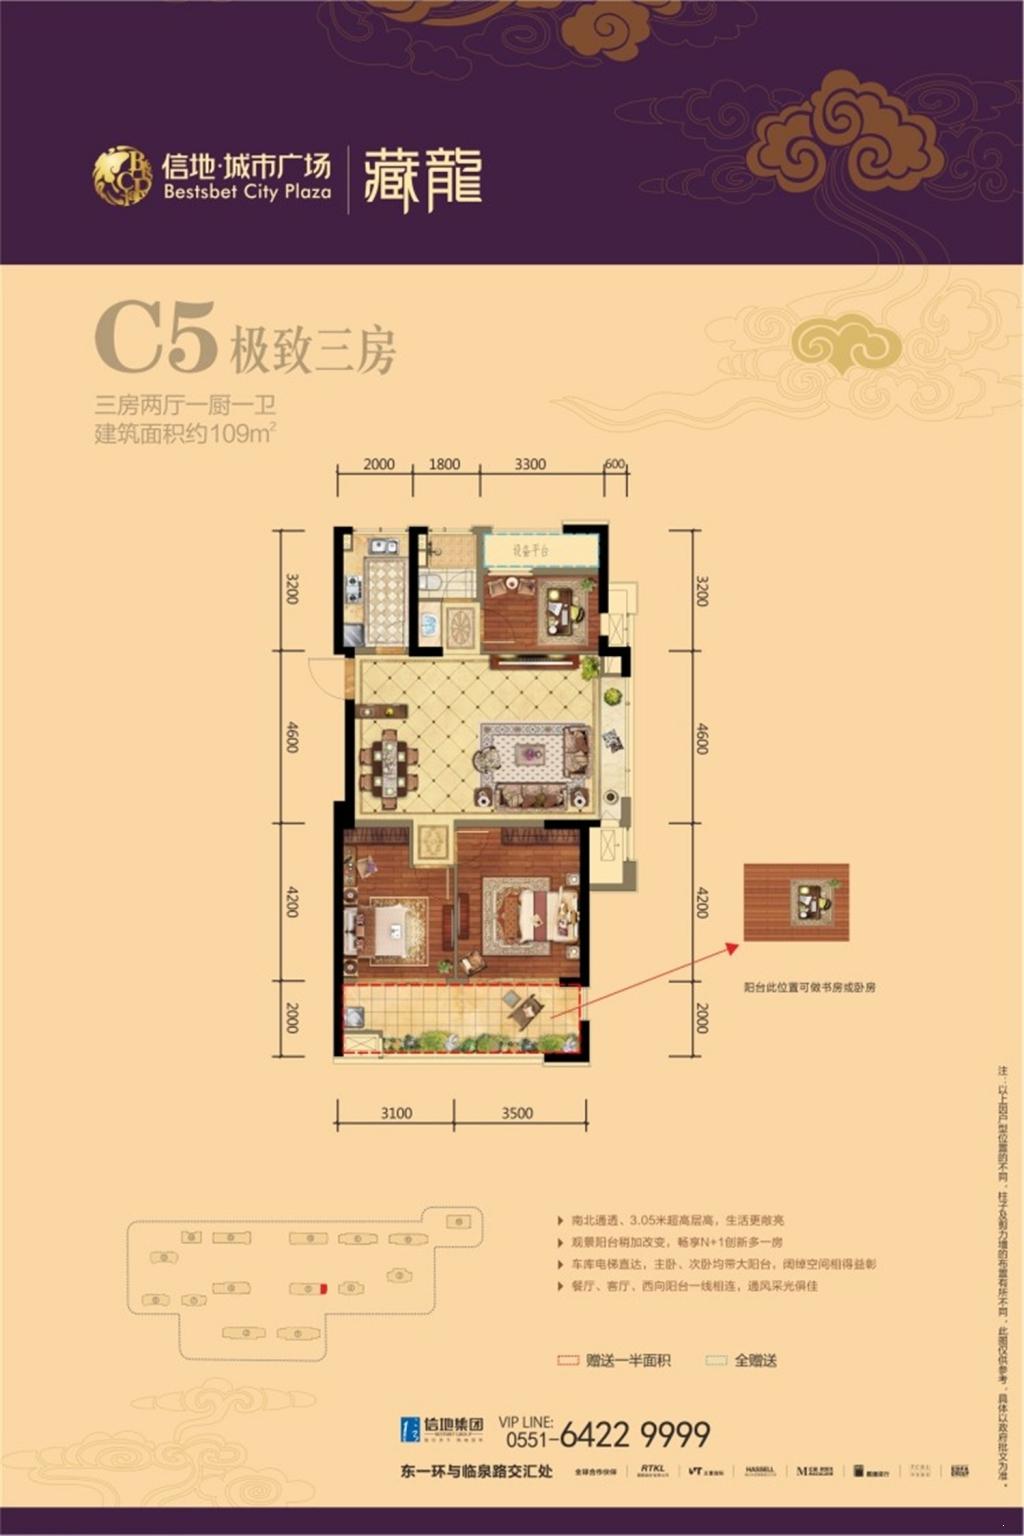 信地城市广场C5极致3房